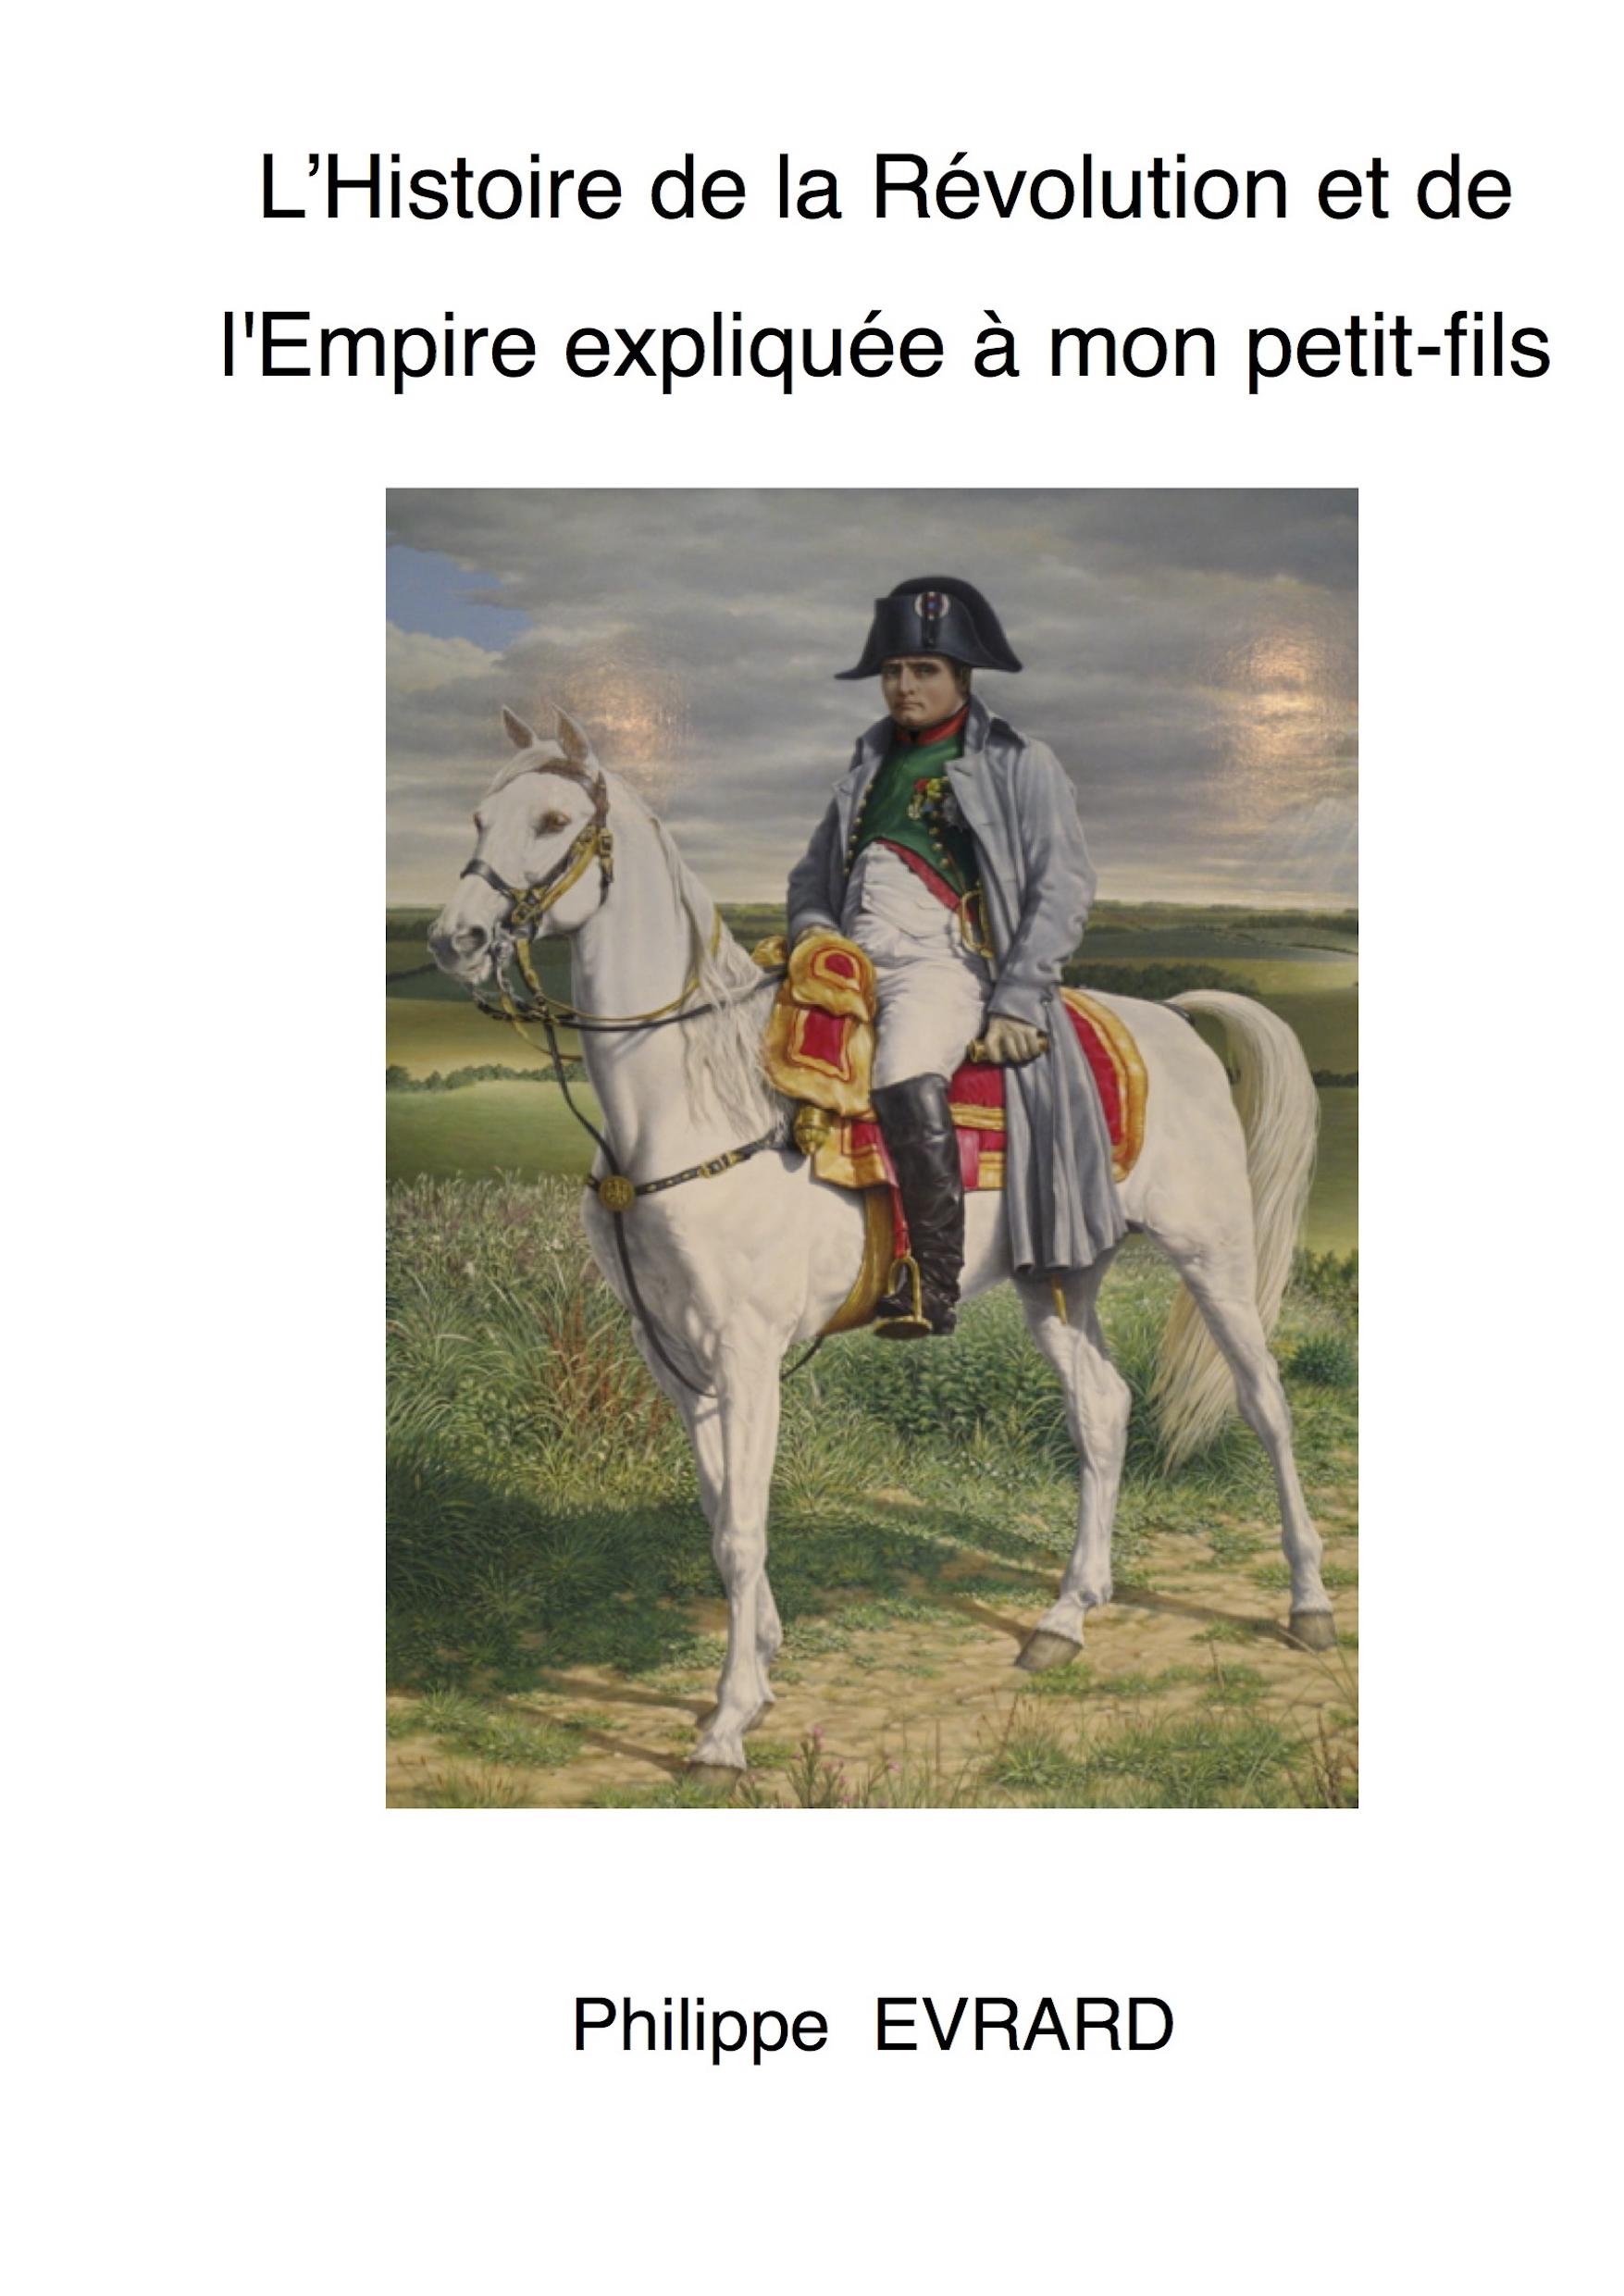 Histoire de la Révolution et l'Empire